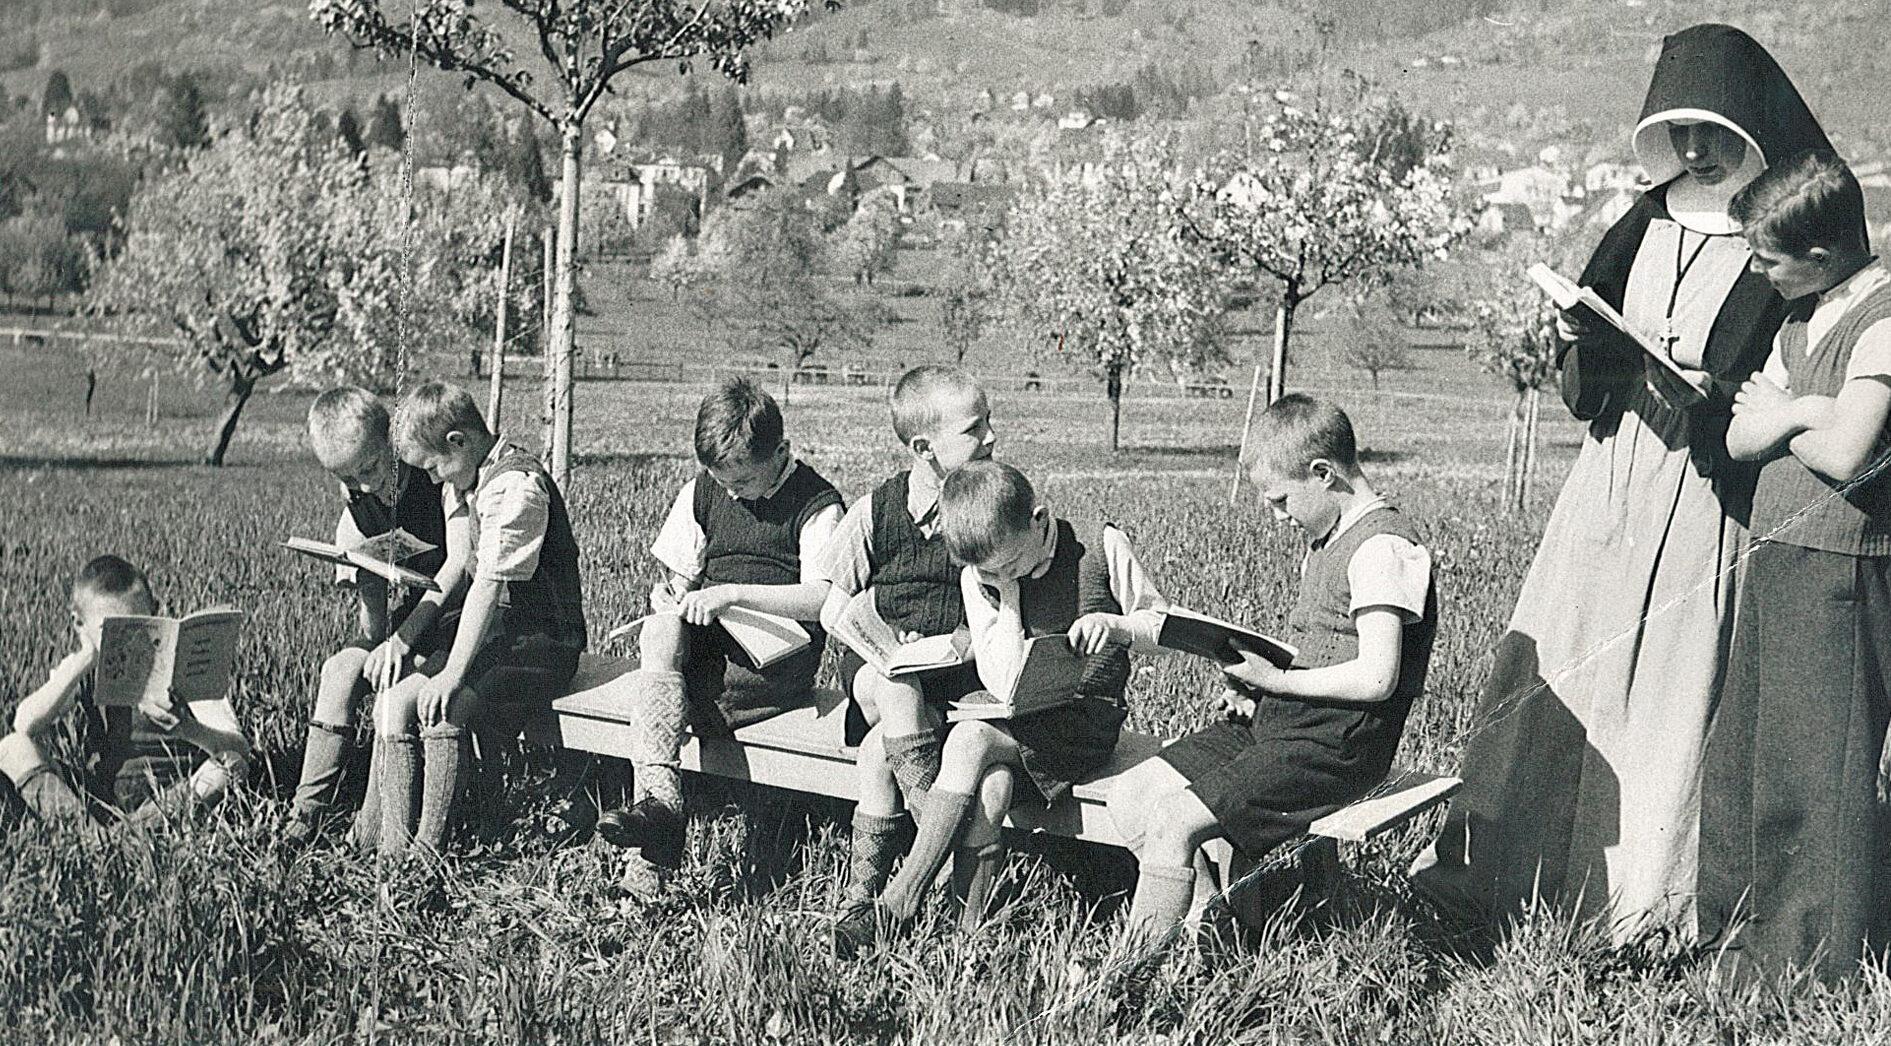 Katholischen Schwesternkongregationen leisteten unersetzliche Pionierarbeit.